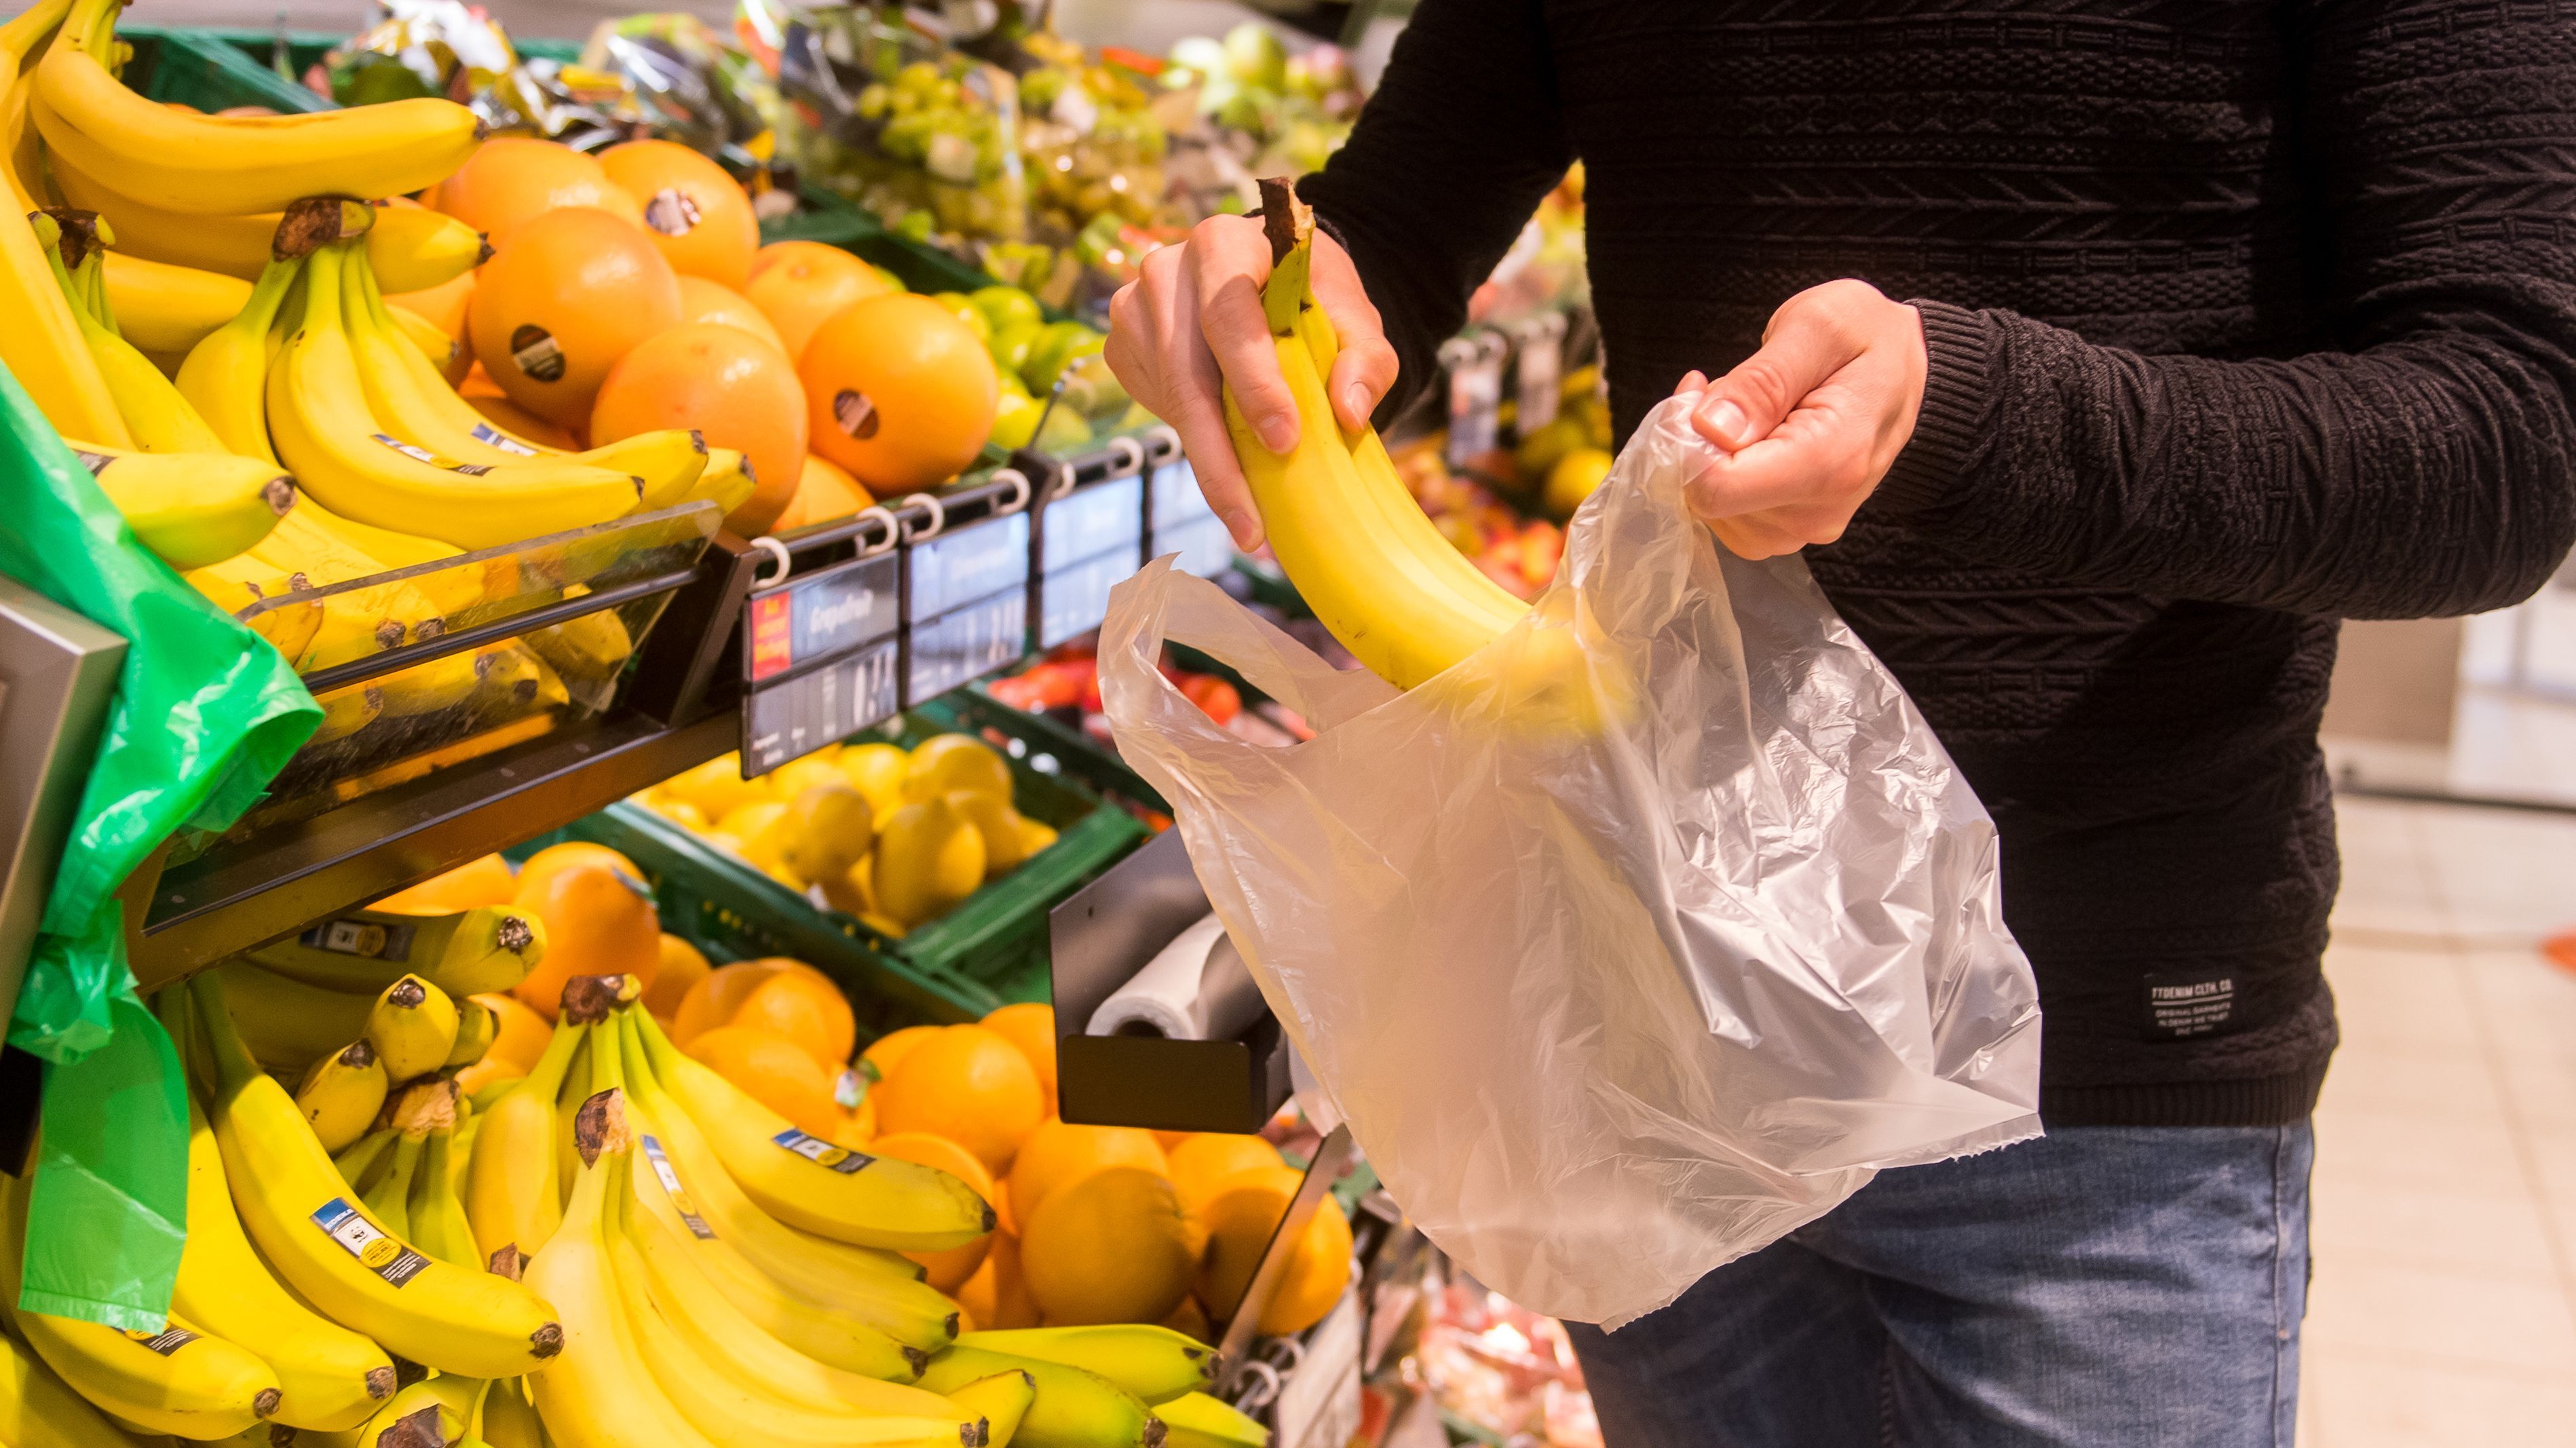 Gerade an den Obst- und Gemüseregalen sind Knotenbeutel noch sehr verbreitet